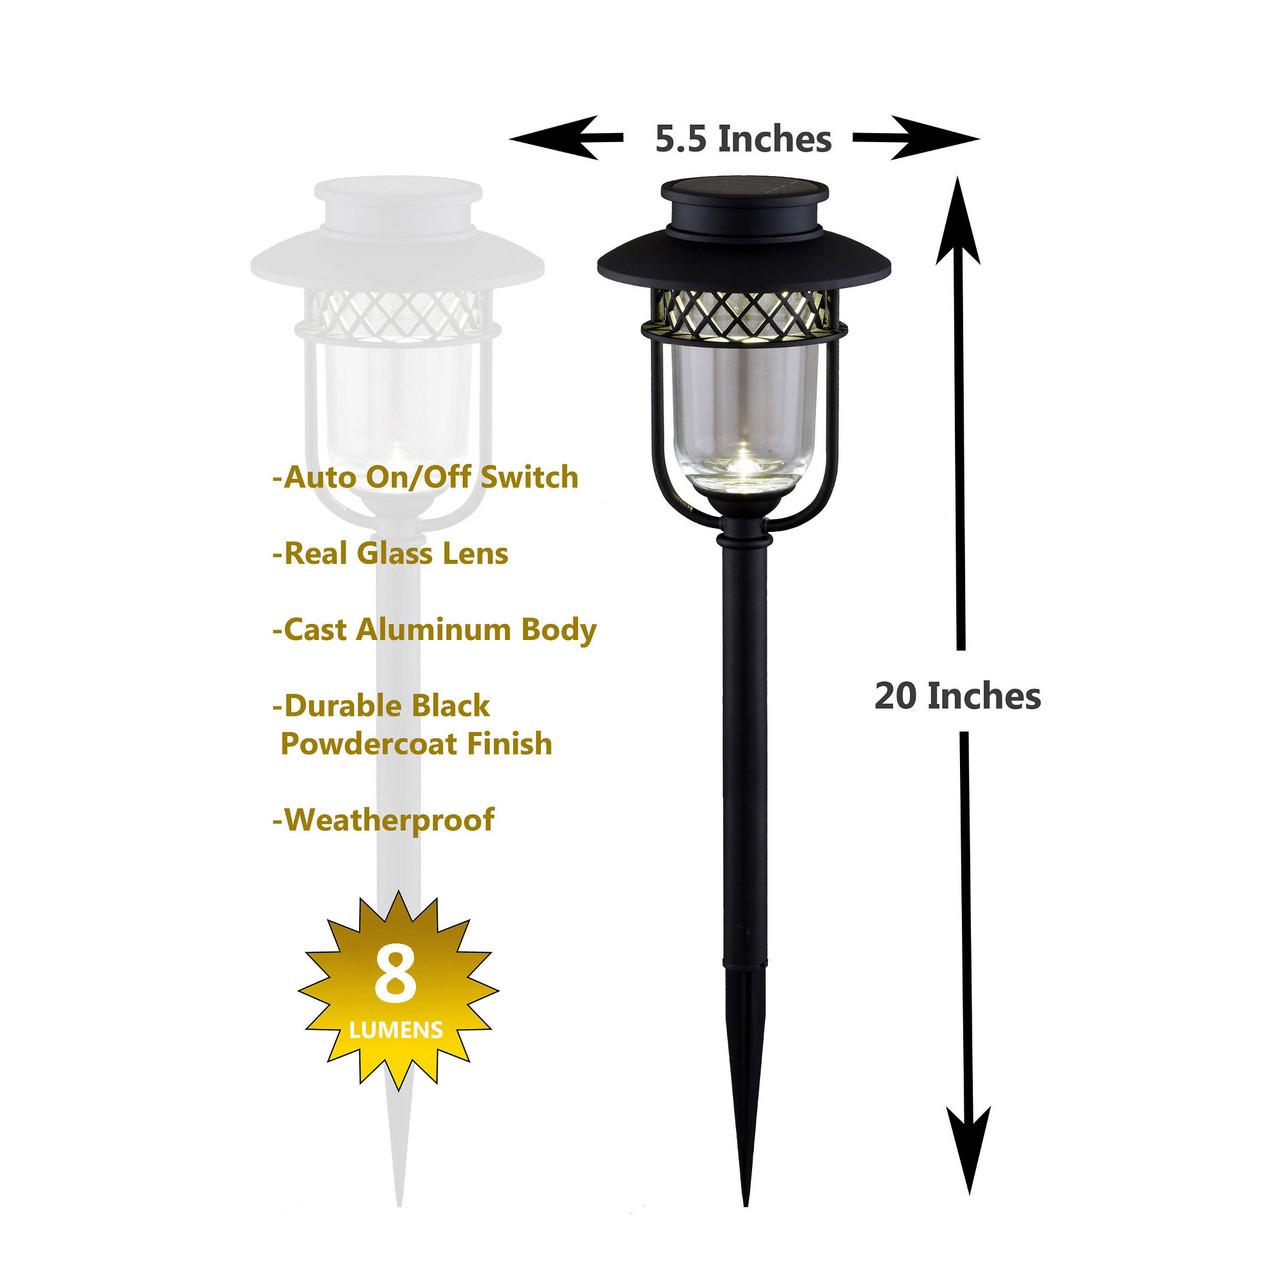 GL1101 - Black Stainless Steel Garden Light Graphic